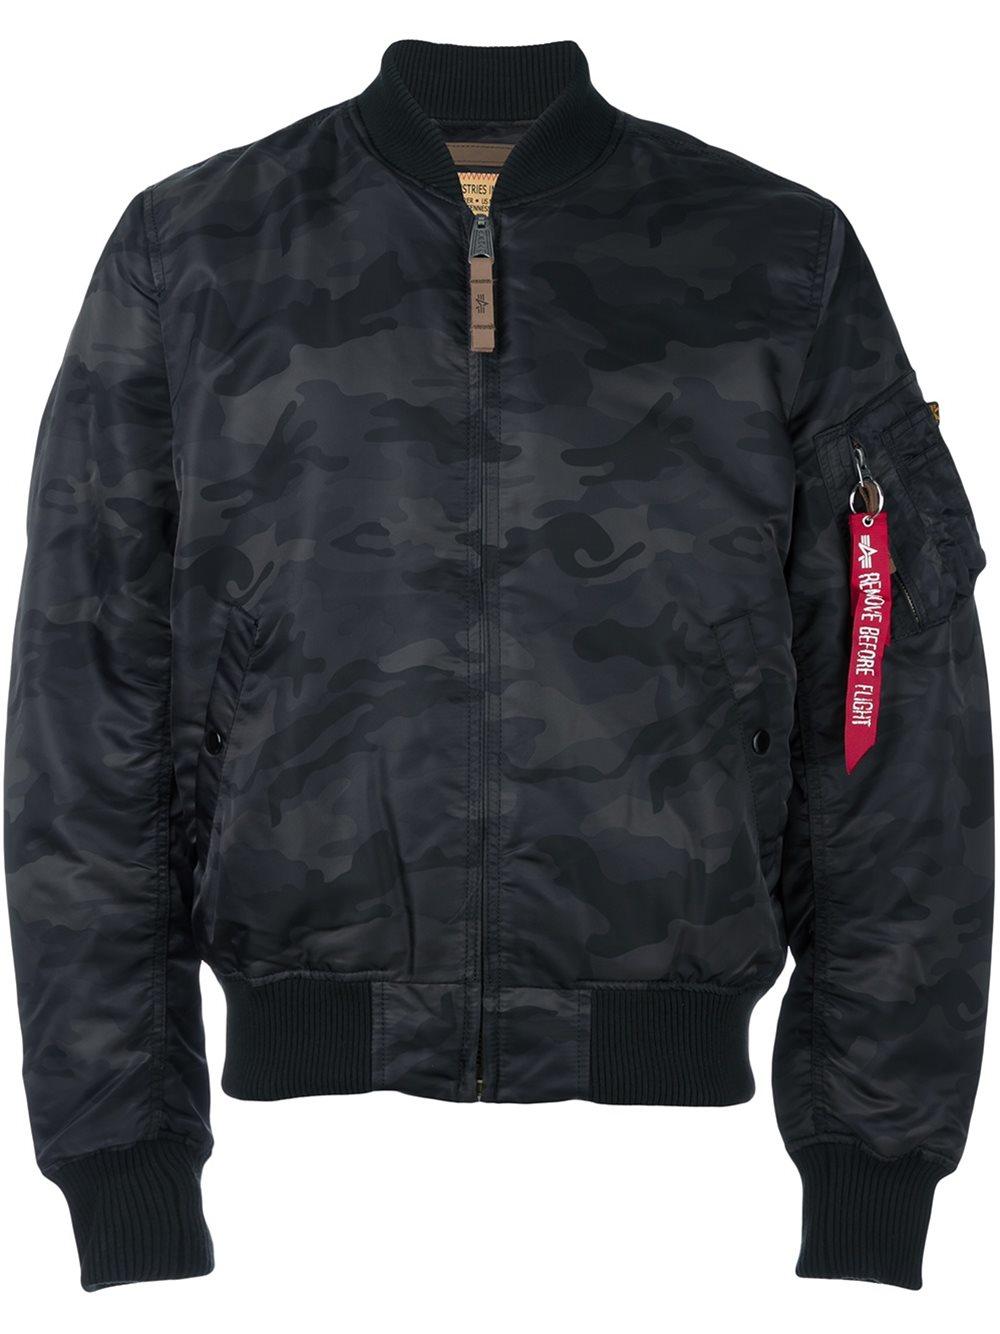 alpha industries camouflage flight jacket in black for men. Black Bedroom Furniture Sets. Home Design Ideas